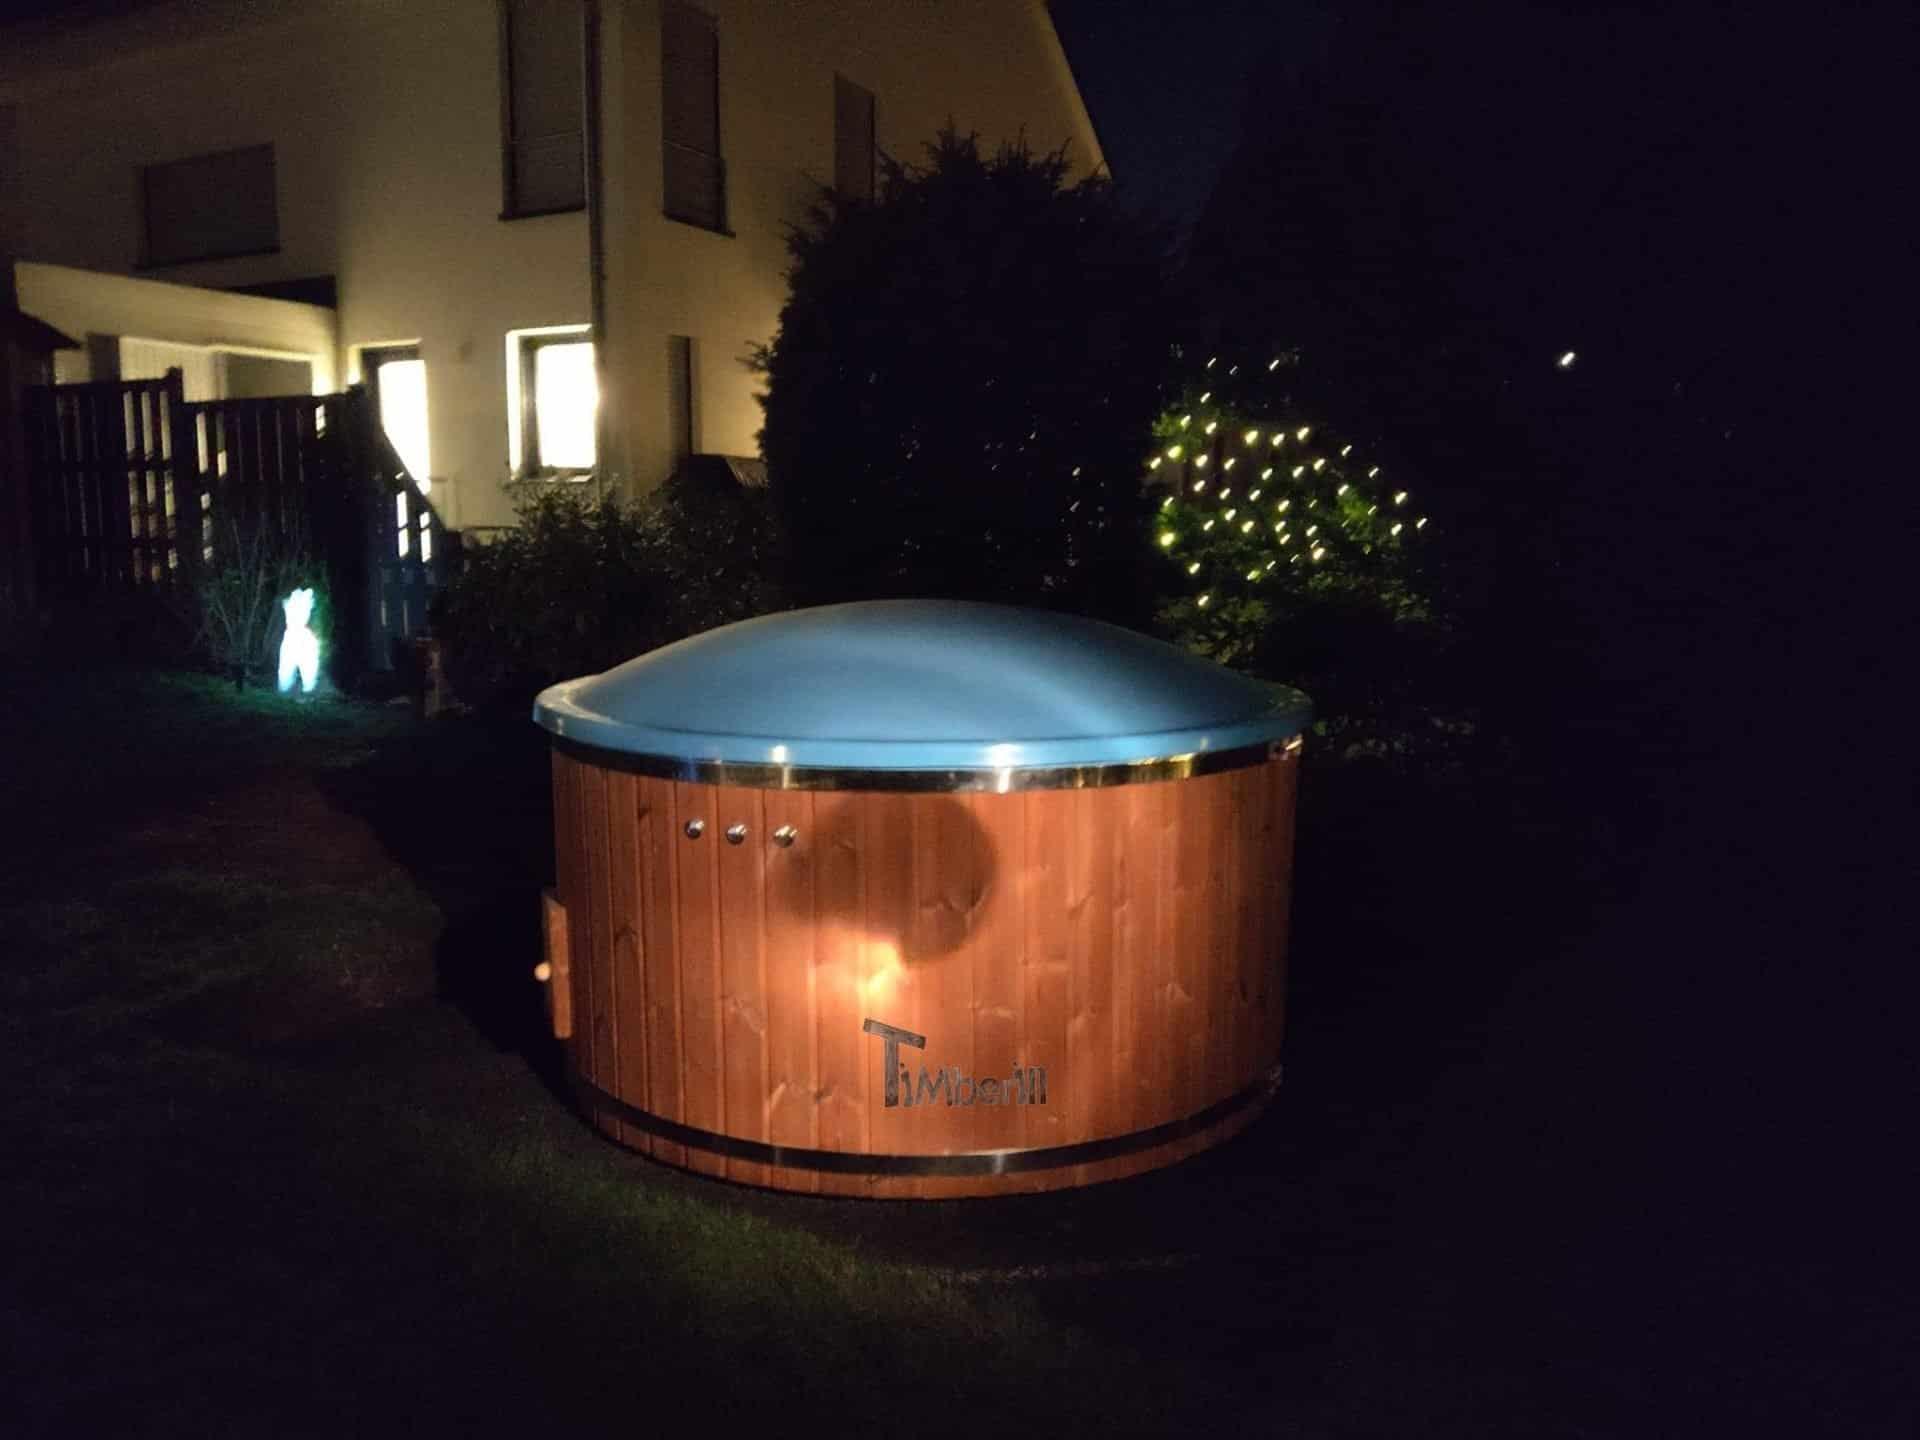 Badezuber elektrisch beheizt mit Elektroheizung Claudia Thomas Wermelskirchen Deutschland 1